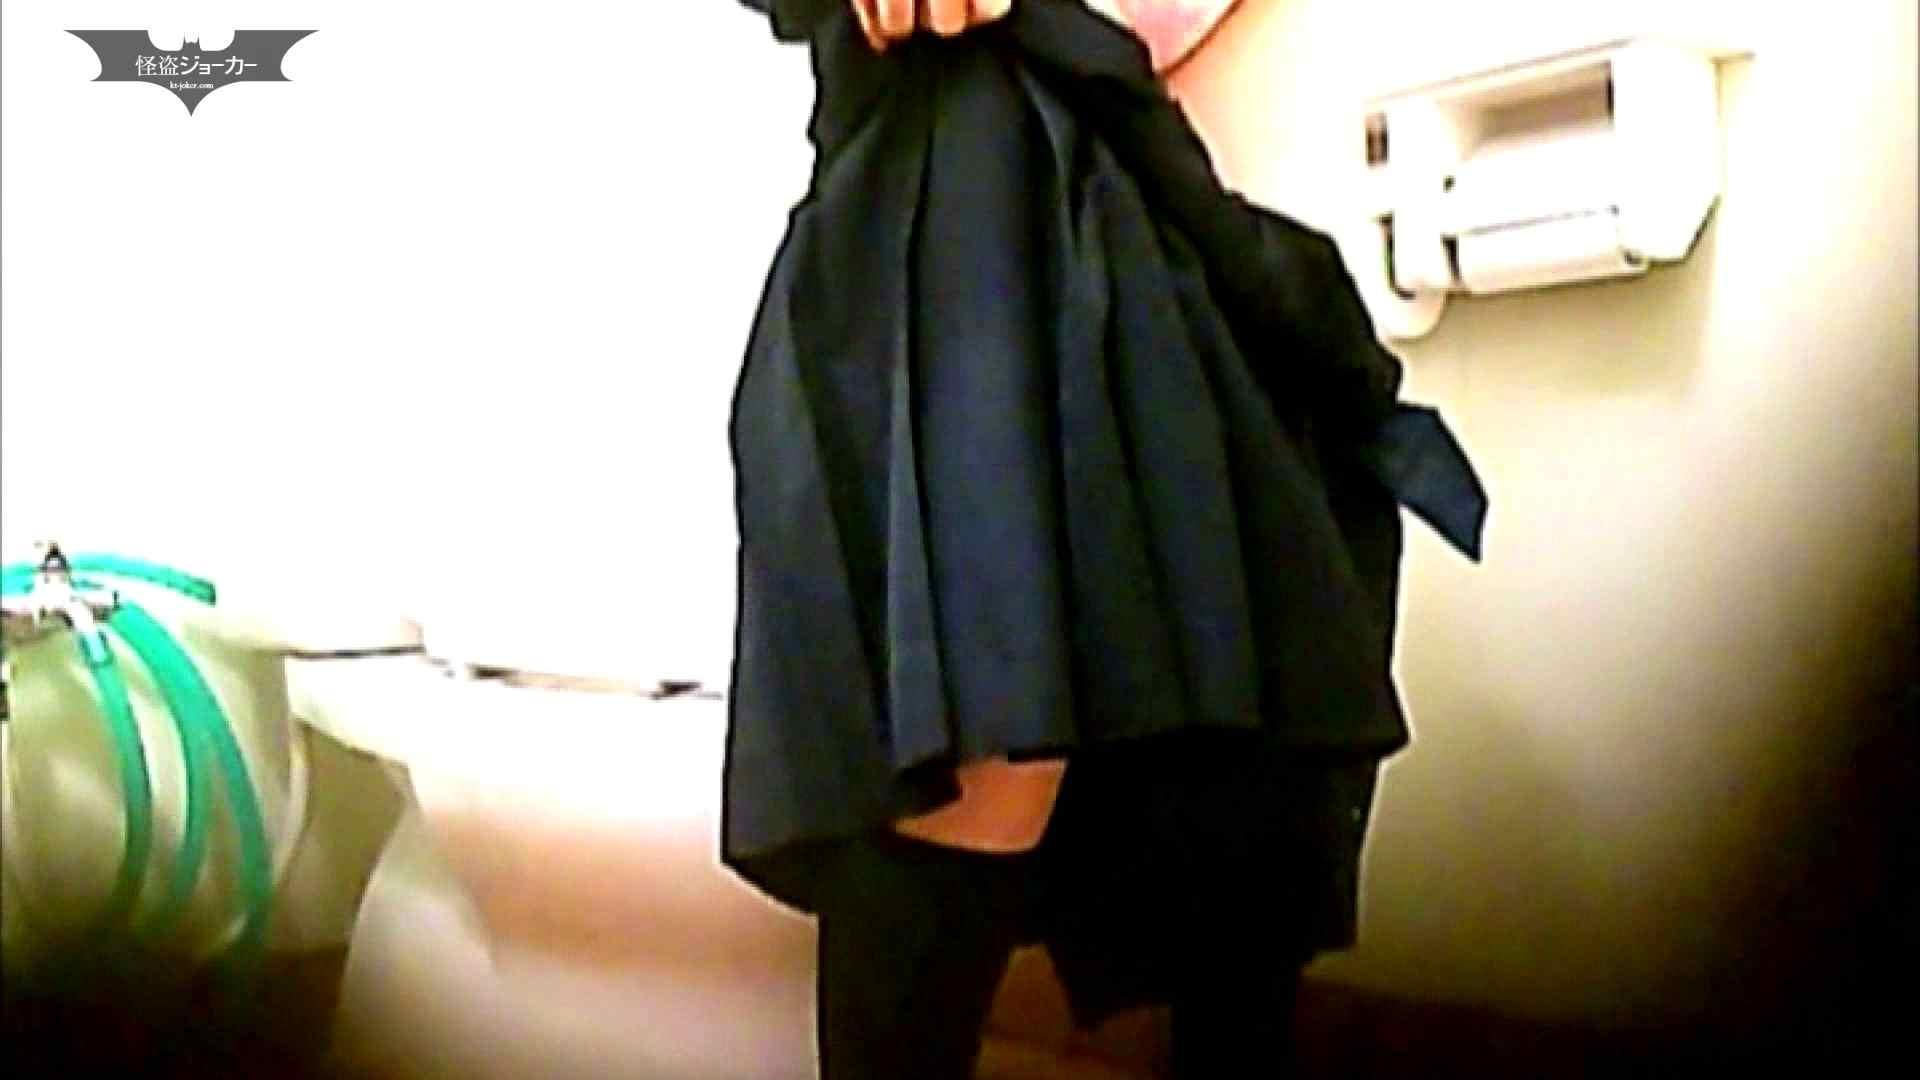 店長代理の盗撮録 Vol.02 制服ばかりをあつめてみました。その2 期間限定 セックス無修正動画無料 49PIX 26